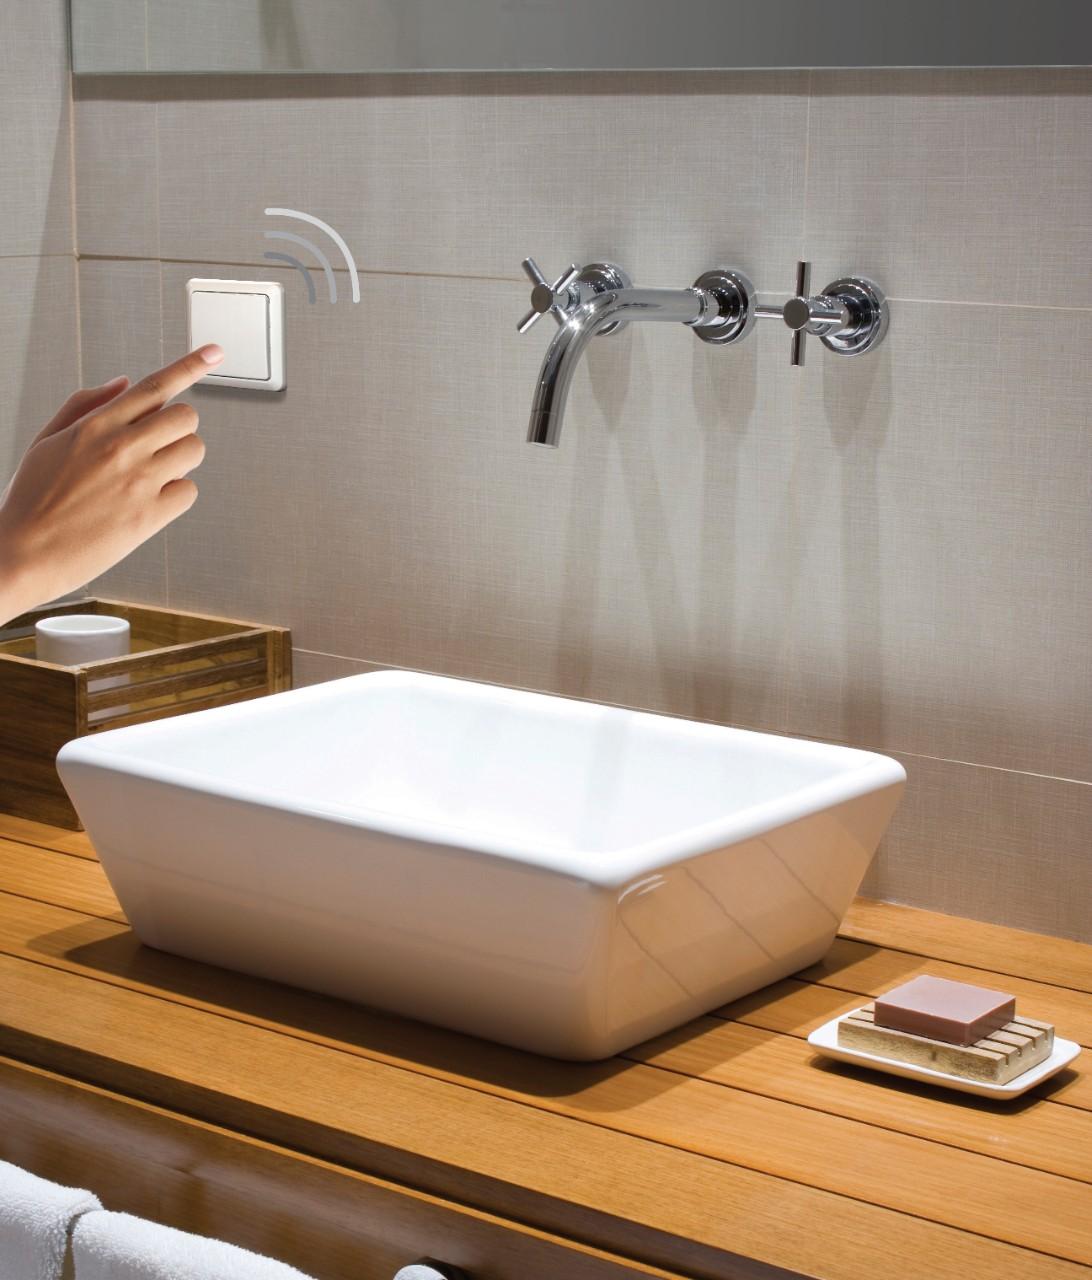 Keuken zonder tegels - Een mooie badkamer ...